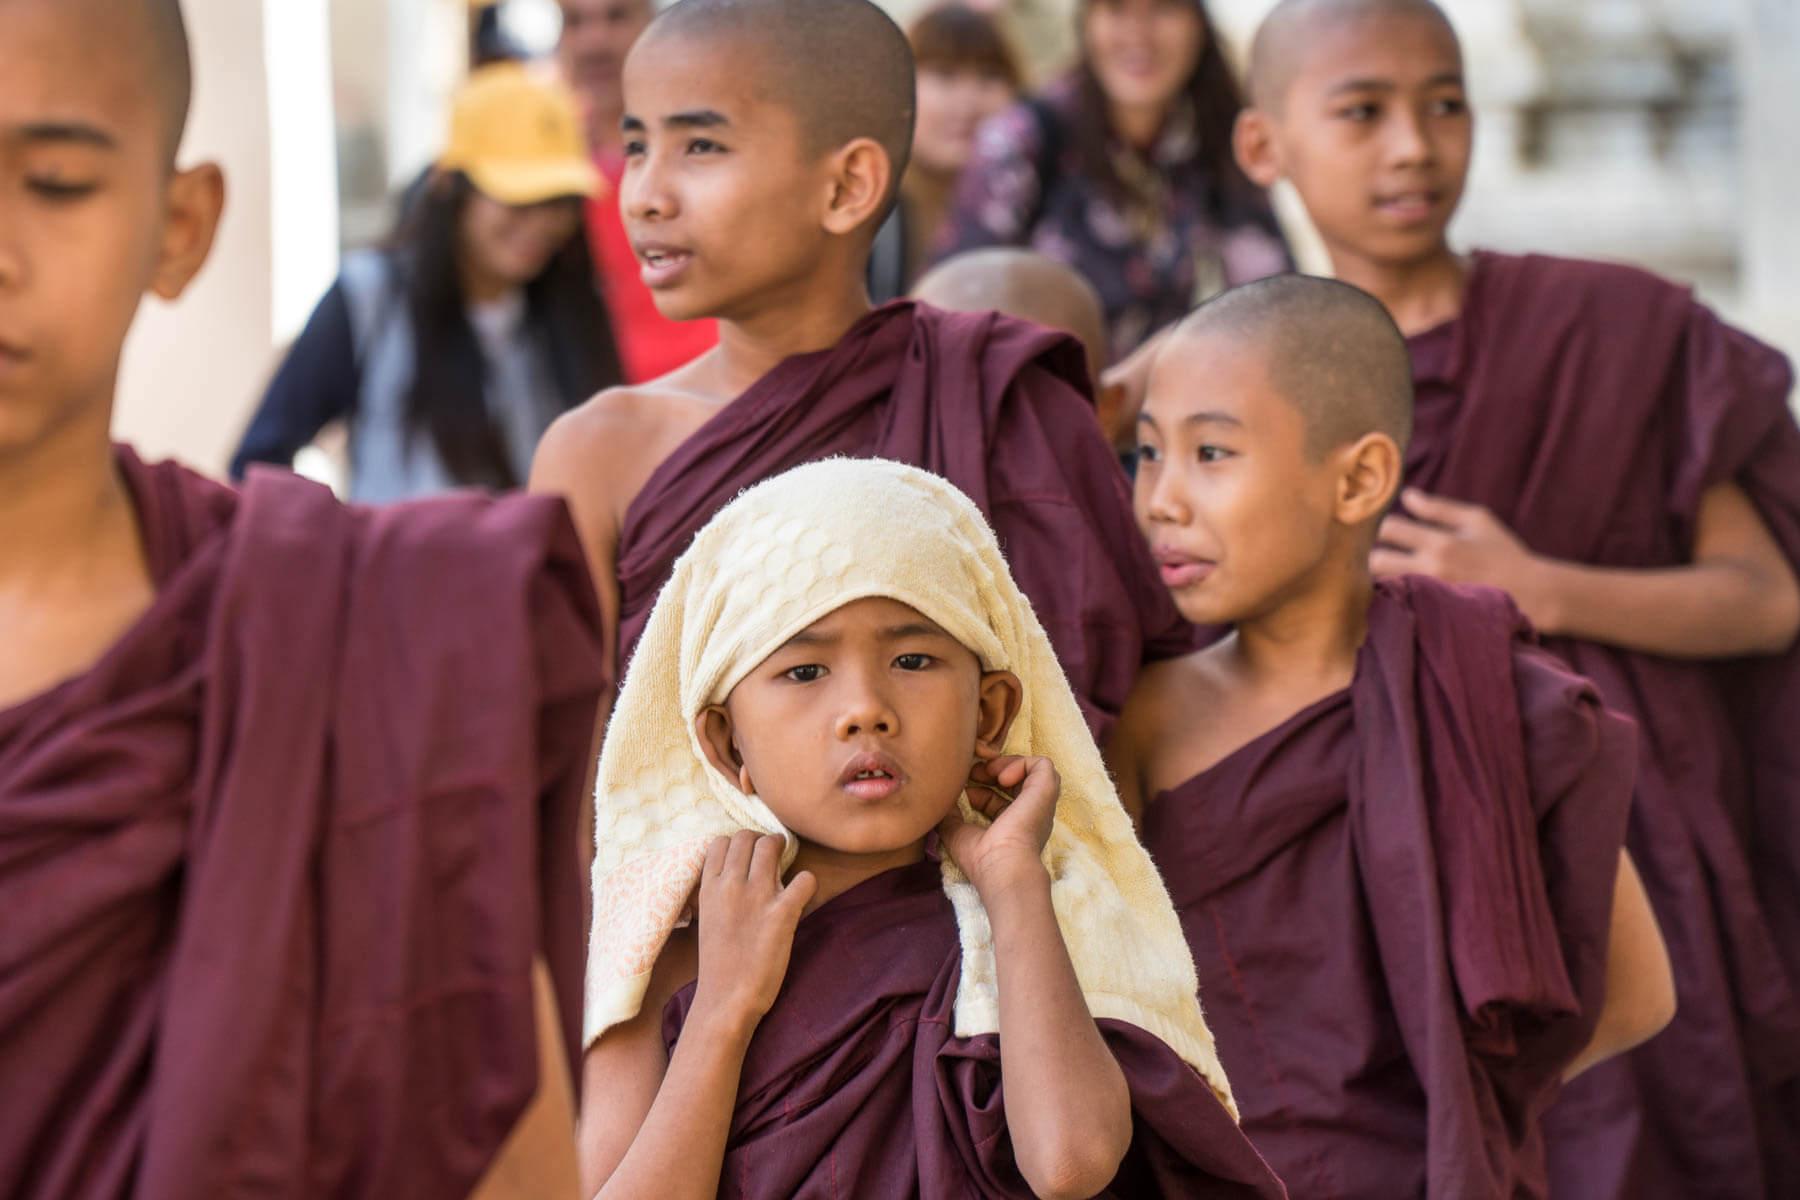 Monniken Bagan